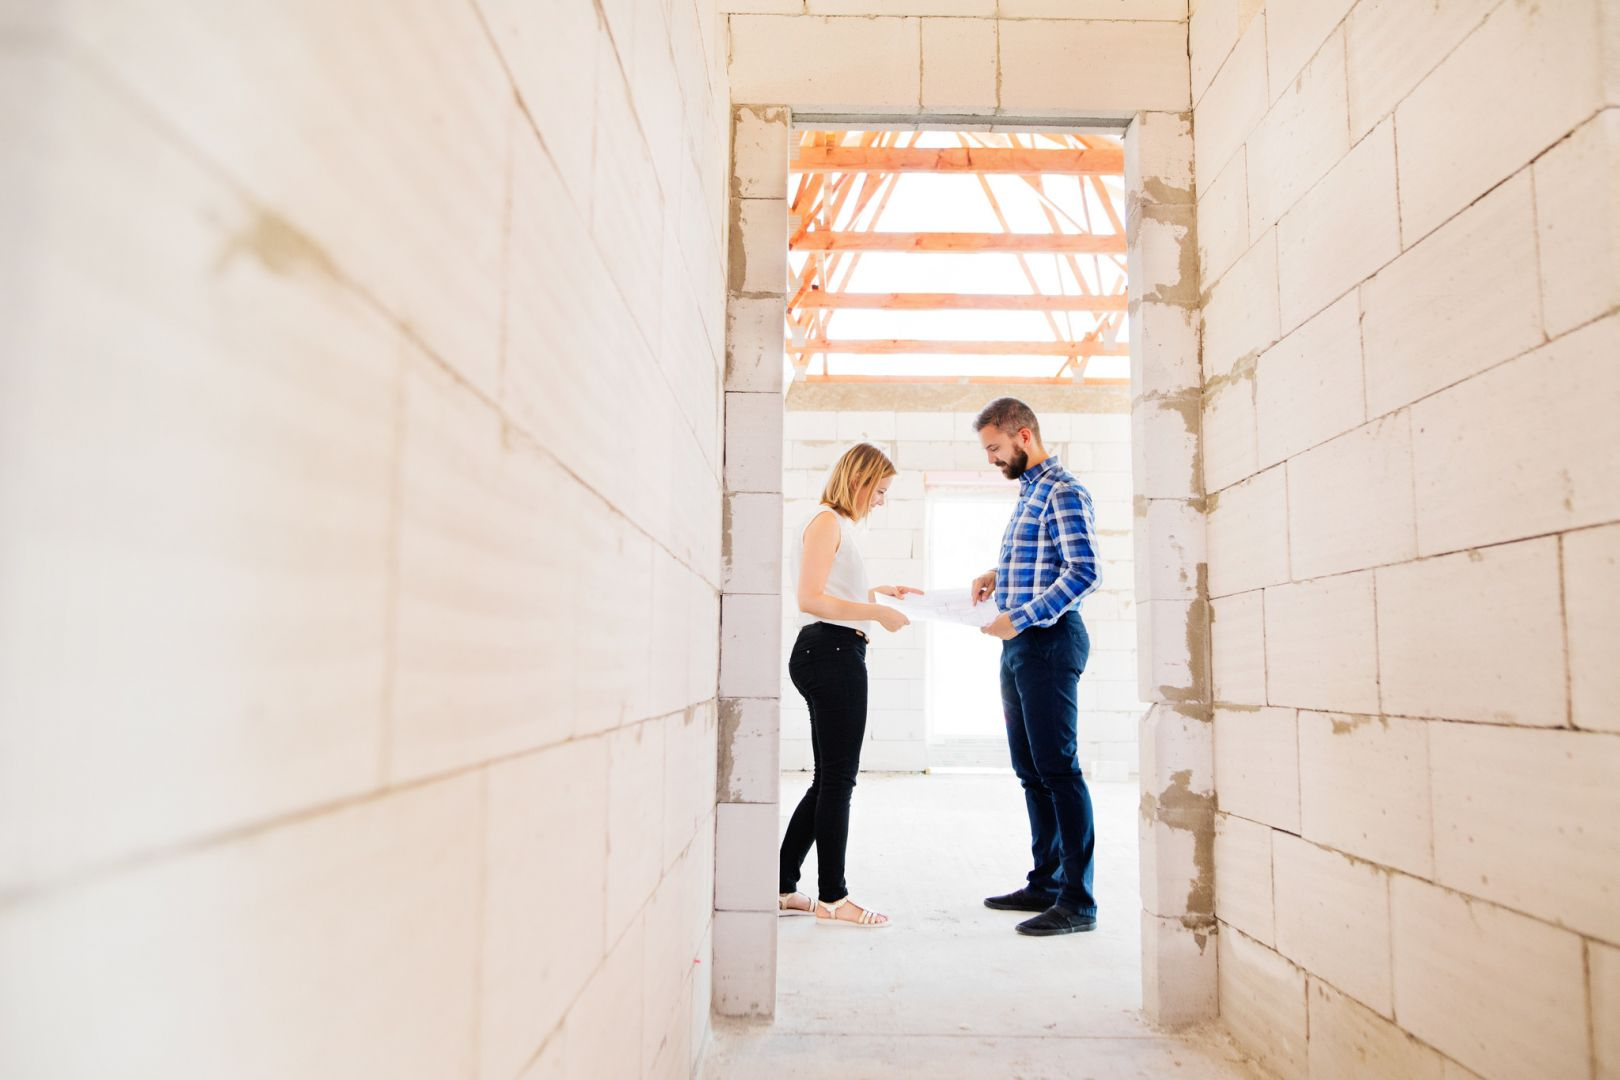 Każdy dom wymaga indywidualnego podejścia i dedykowanego, przemyślanego projektu ogrzewania. Dzięki audytowi będziemy wiedzieli, jakie urządzenie grzewcze wybrać do naszego mieszkania. Fot. Uponor